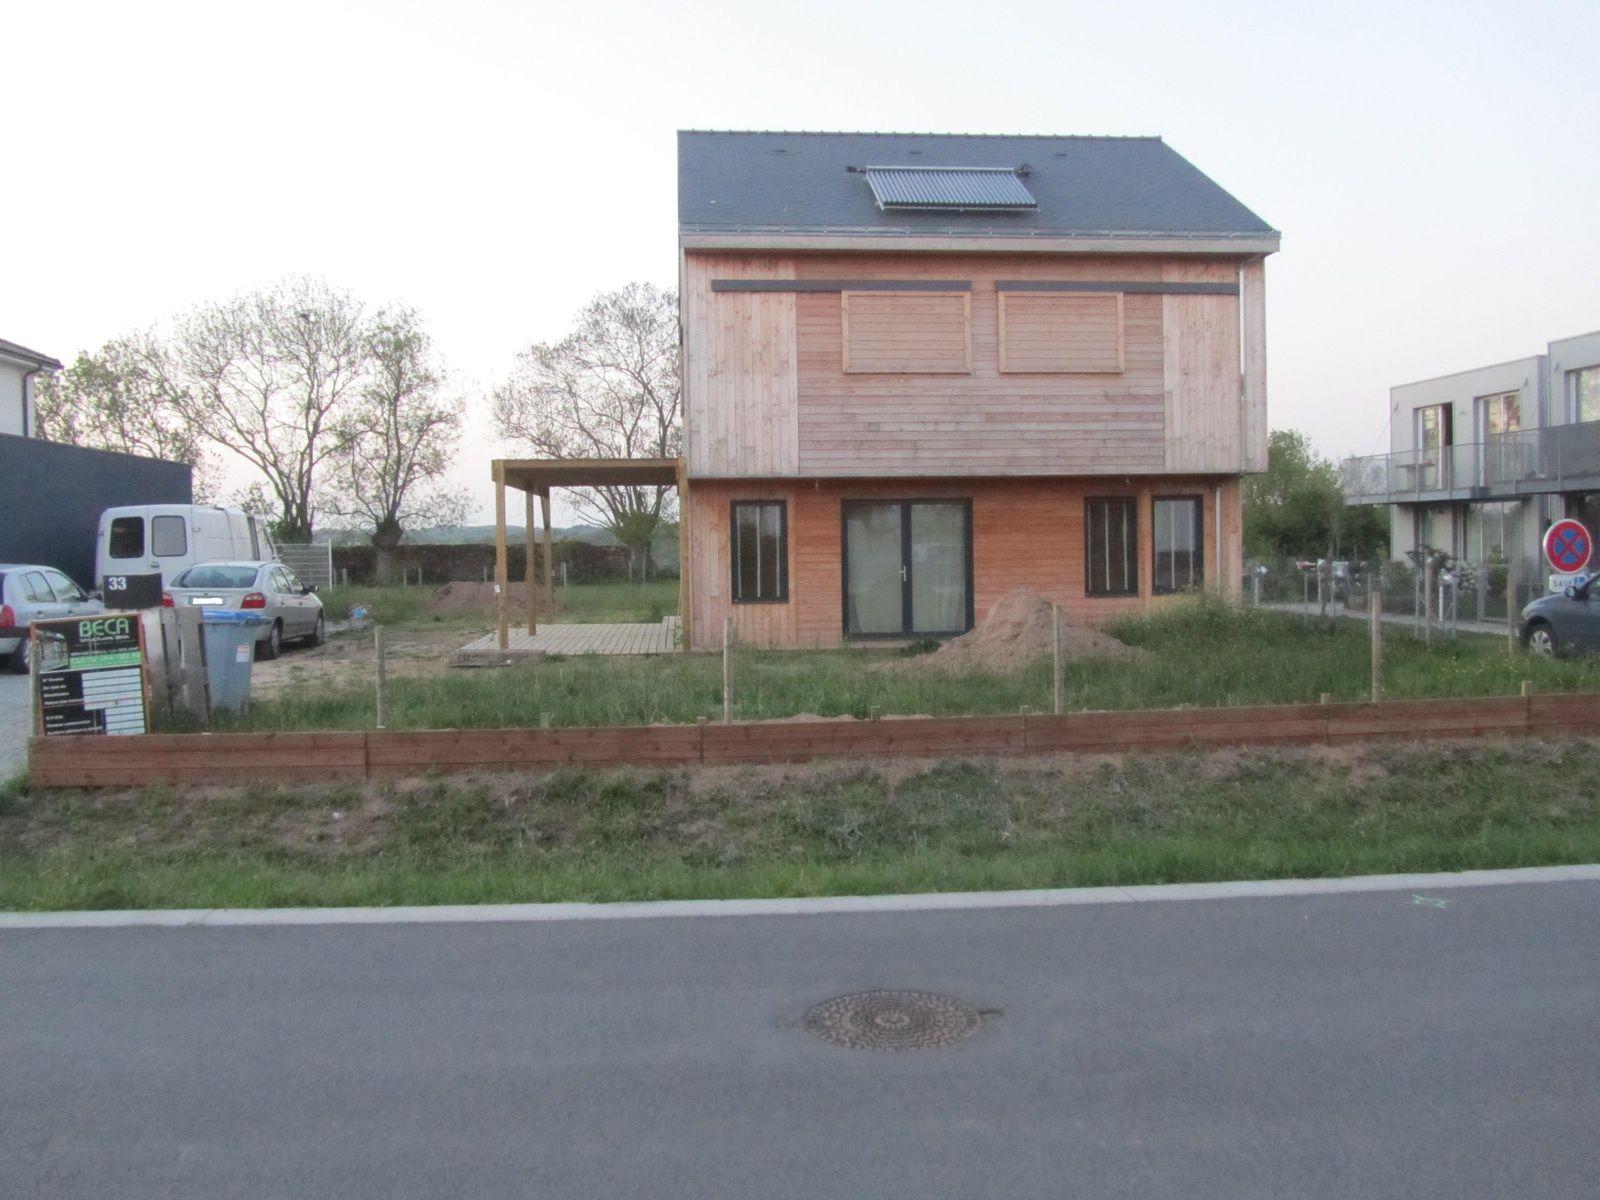 Couverture de la pergola et fabrication de retenue de terre maison paille passive44 over blog com # Retenue De Terre En Bois Autoclave